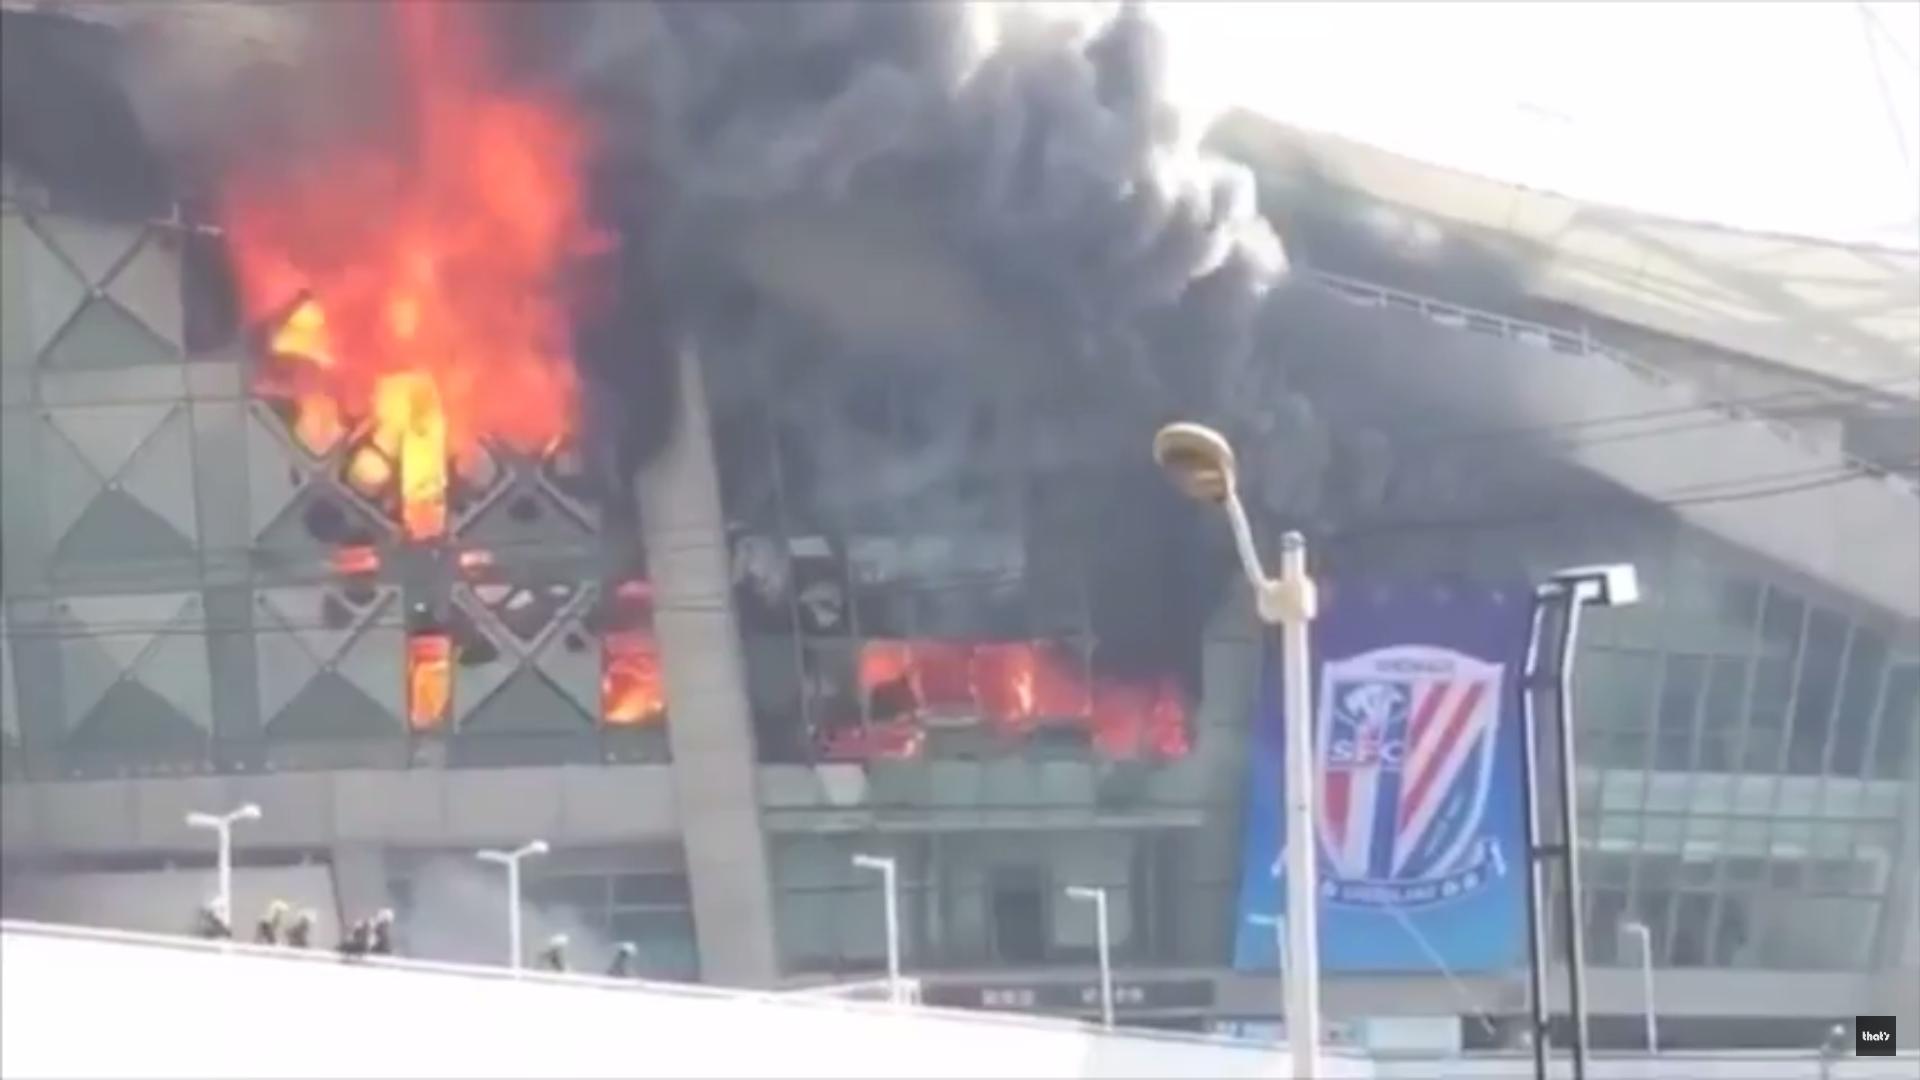 Feuer im Stadion von Shanghai Shenhua